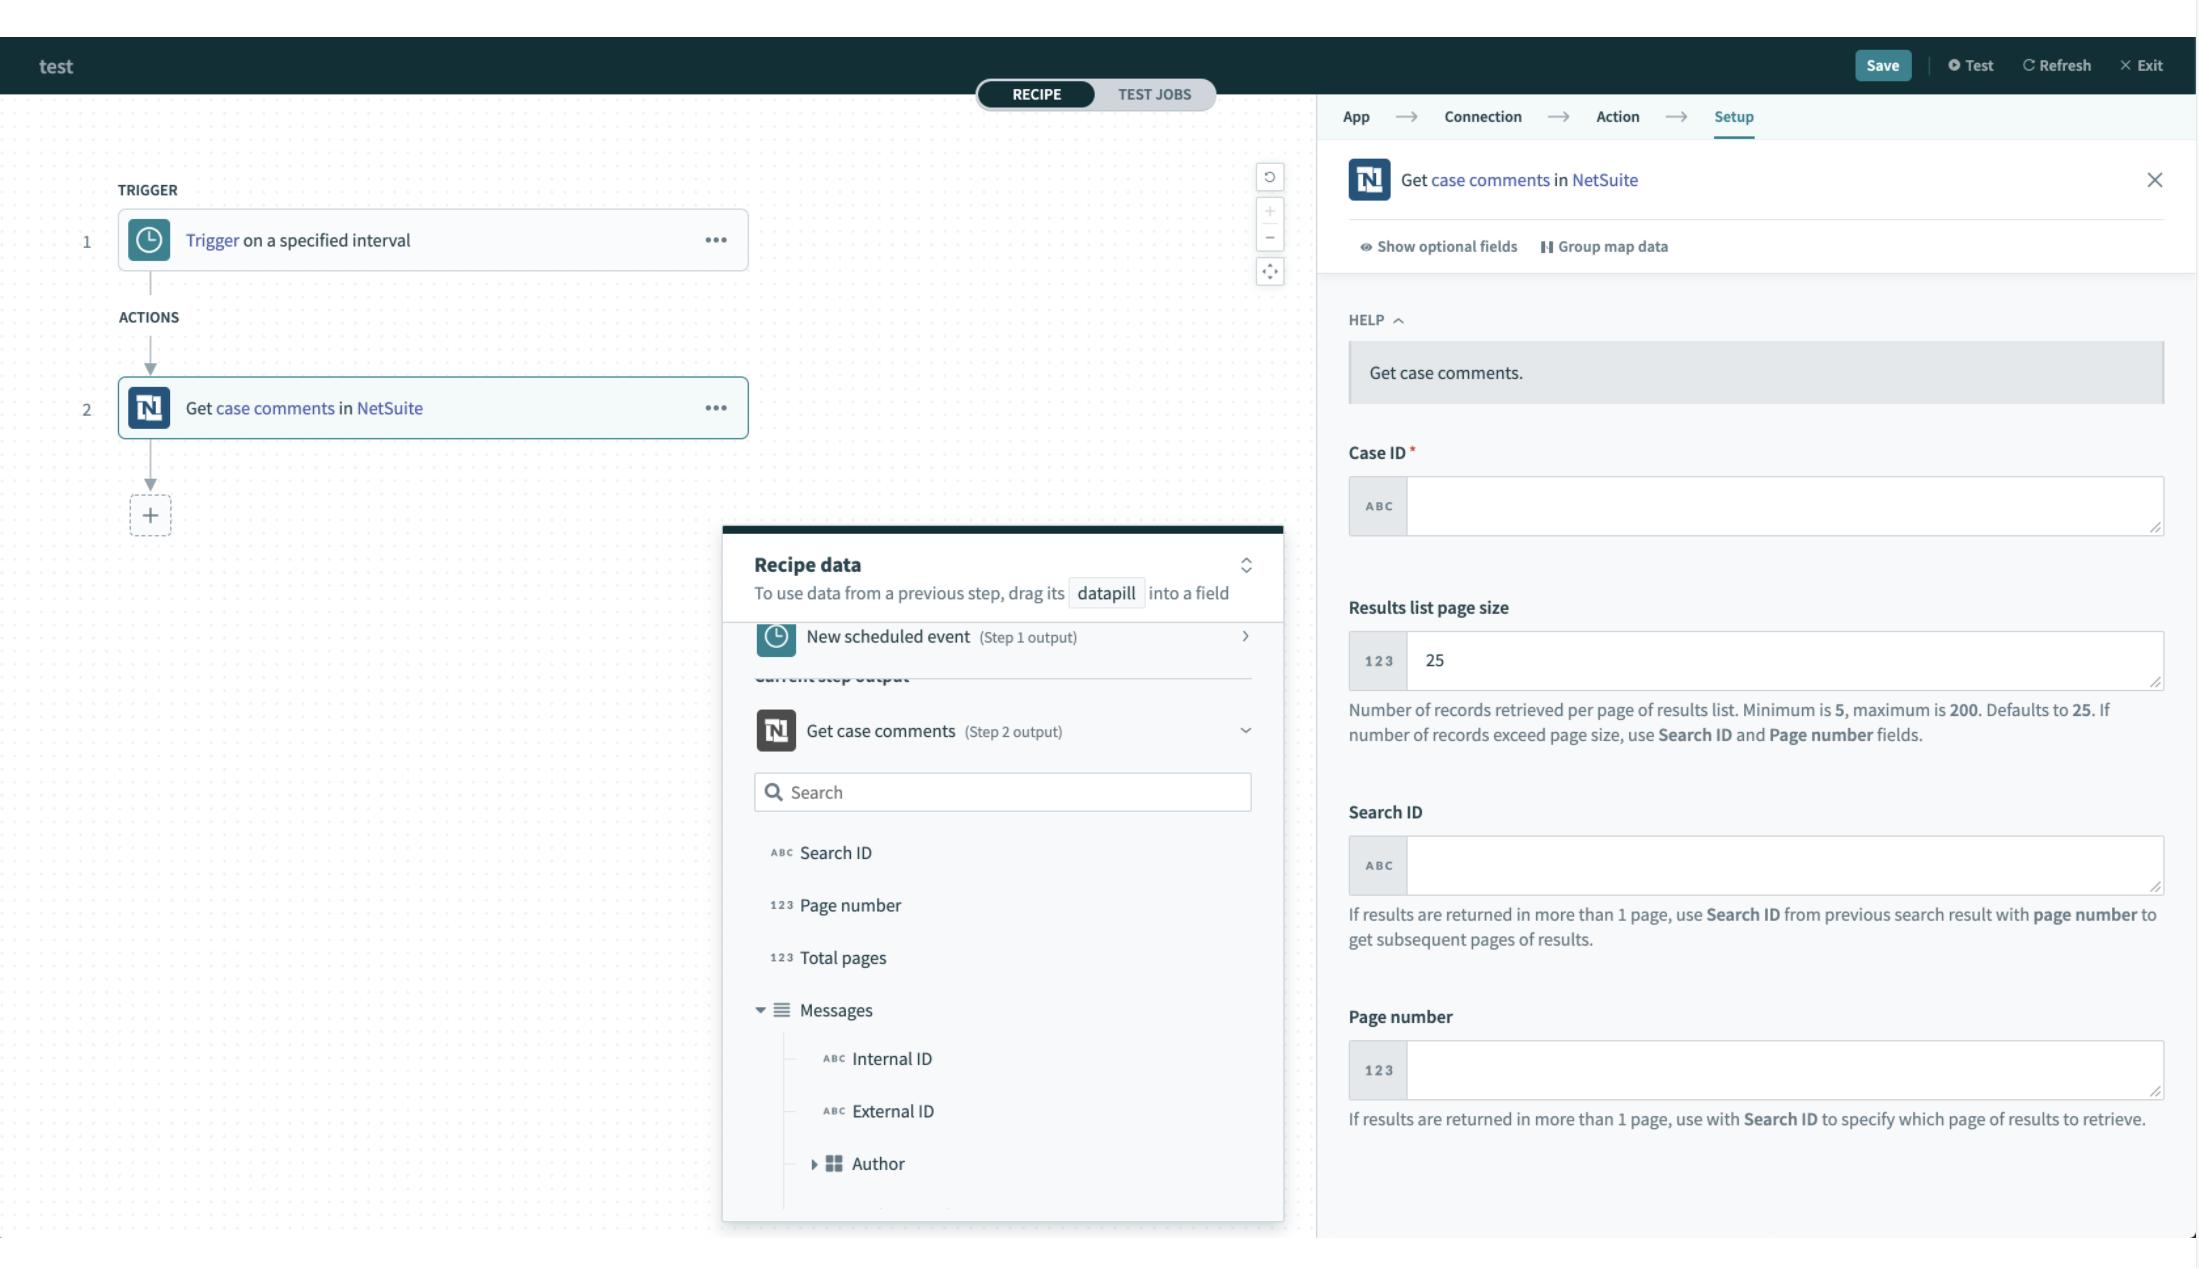 Netsuite SuiteTalk 2020_2 API